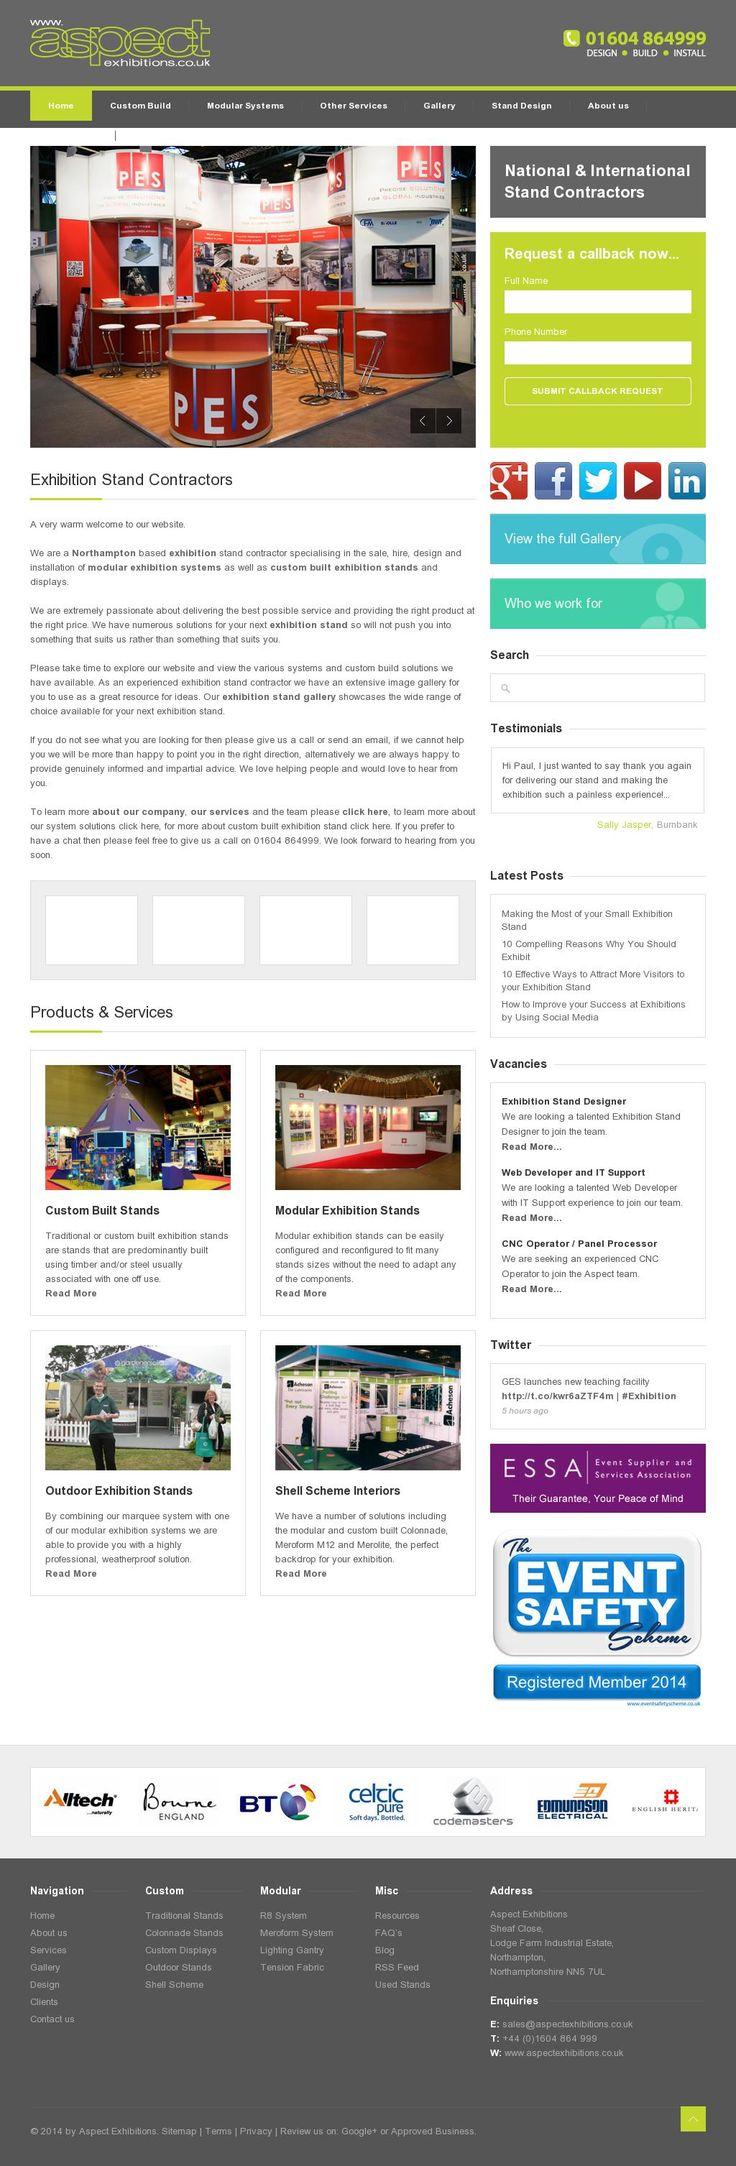 The website 'www.aspectexhibitions.co.uk'